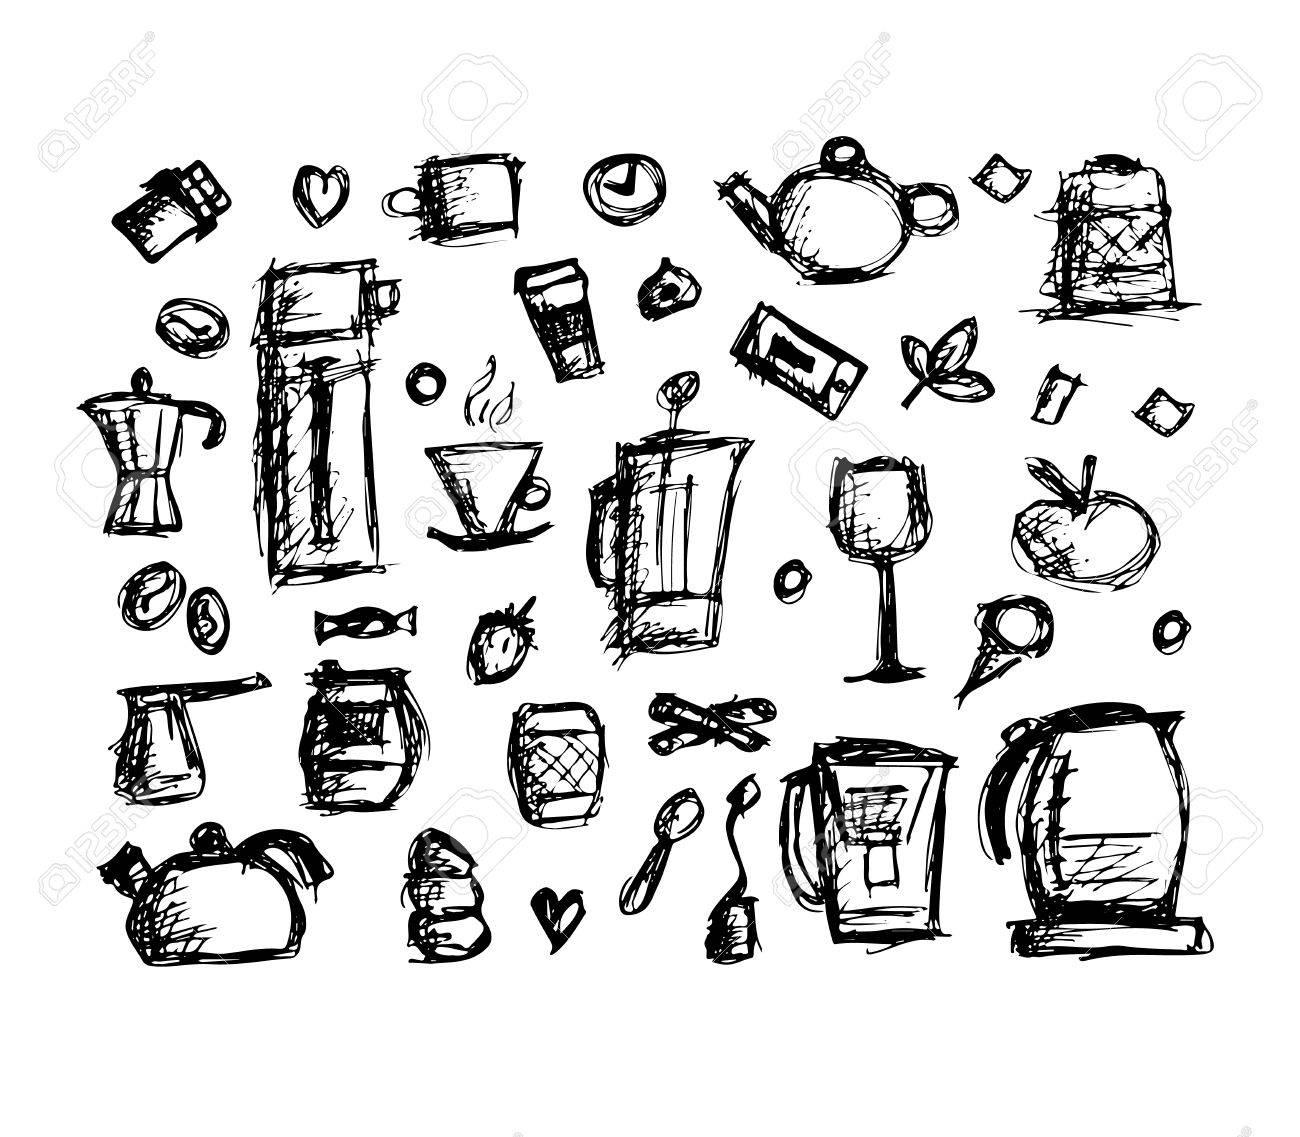 Kuchenutensilien Skizze Fur Ihr Design Zeichnen Vektor Illustration Lizenzfrei Nutzbare Vektorgrafiken Clip Arts Illustrationen Image 61980057